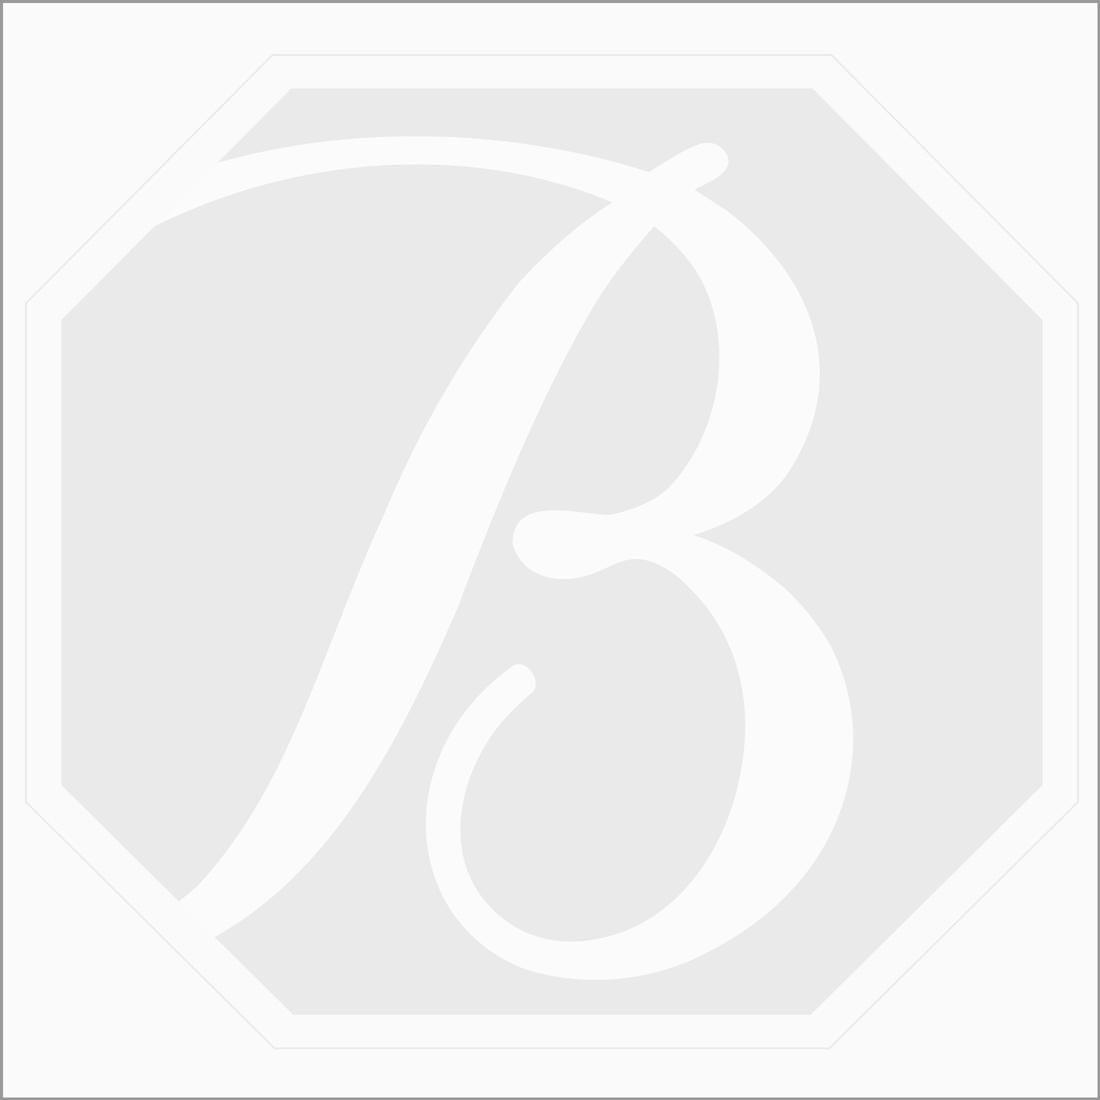 1 Piece - Medium Green Sapphire Rose Cut - 17 x 11 mm - 9.72 carats (MSRC1284)